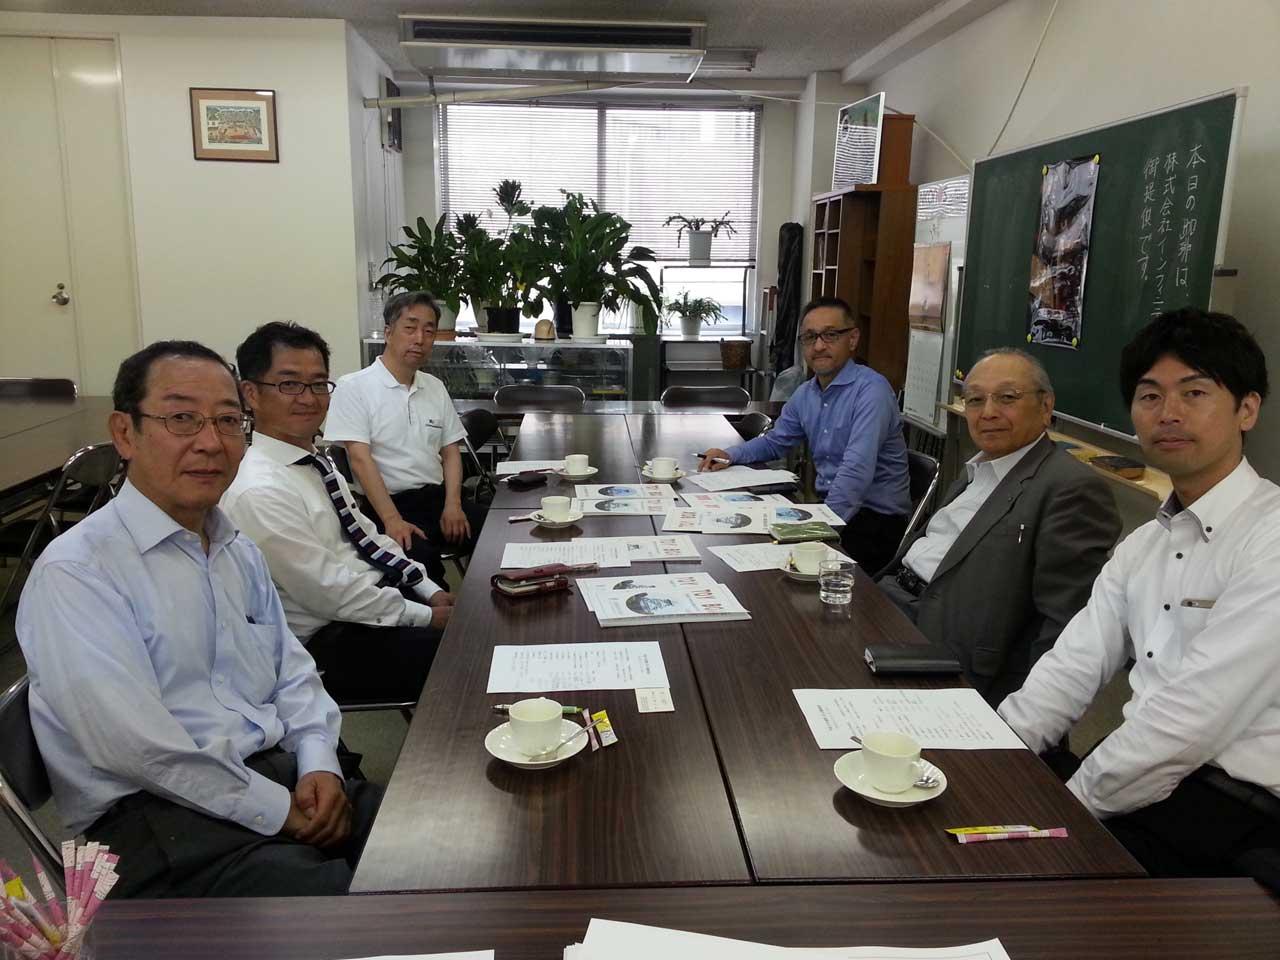 広報委員会を開催 大阪珈琲商工組合